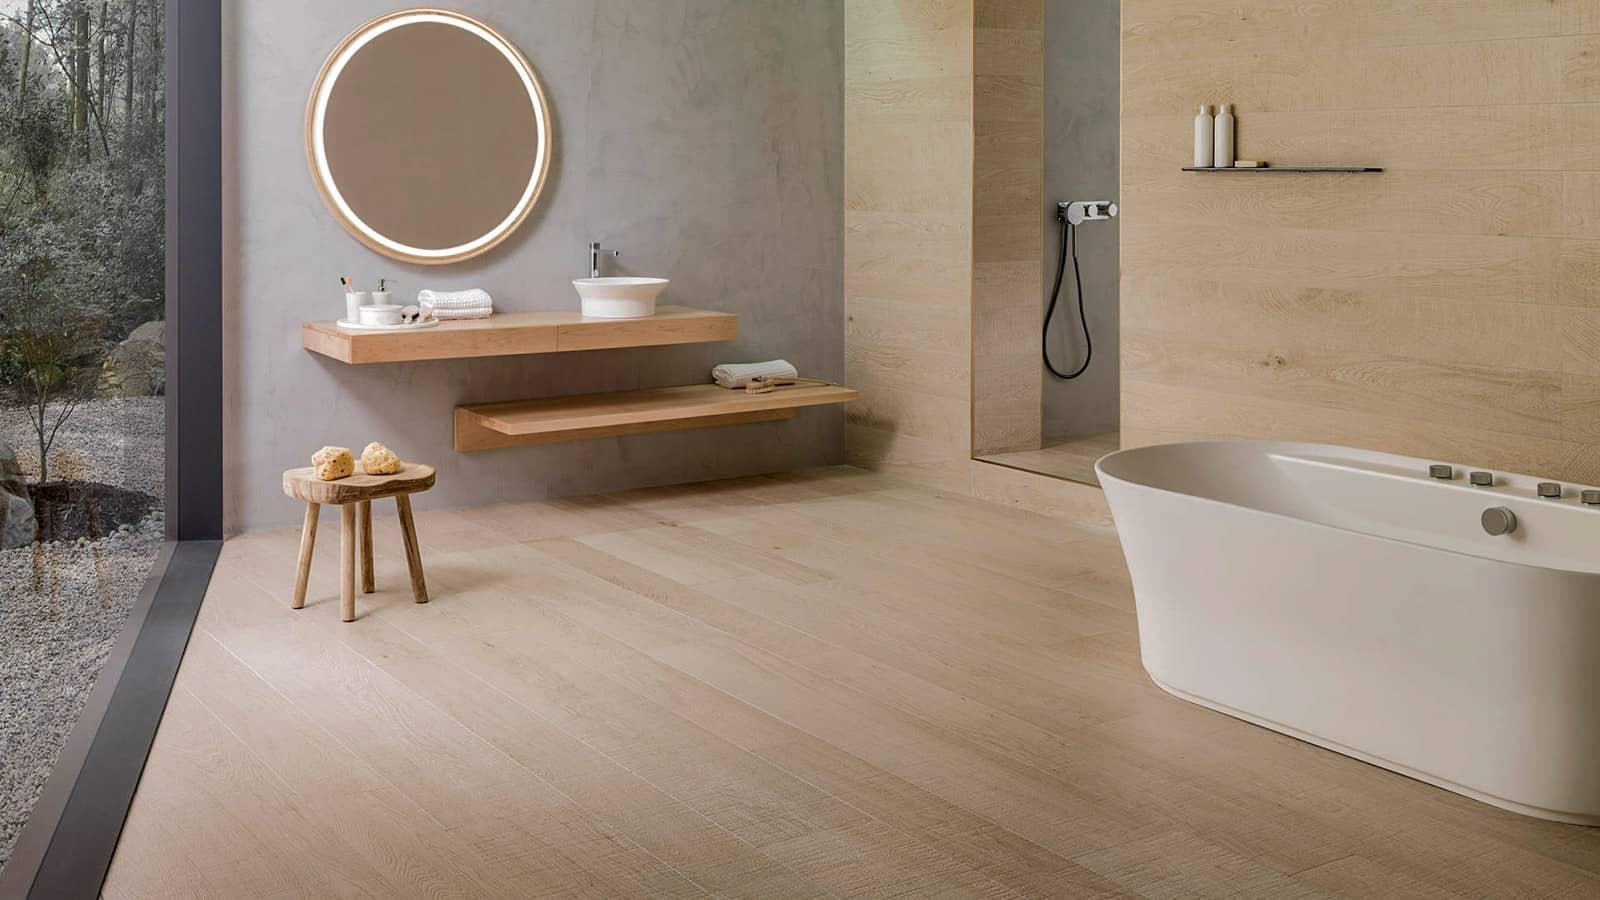 baignoire-porcelanosa-salle-de-bain